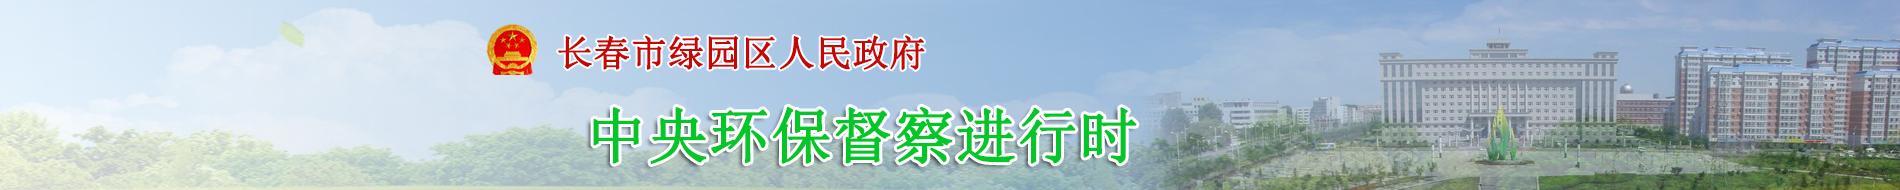 长春市绿园区人民政府